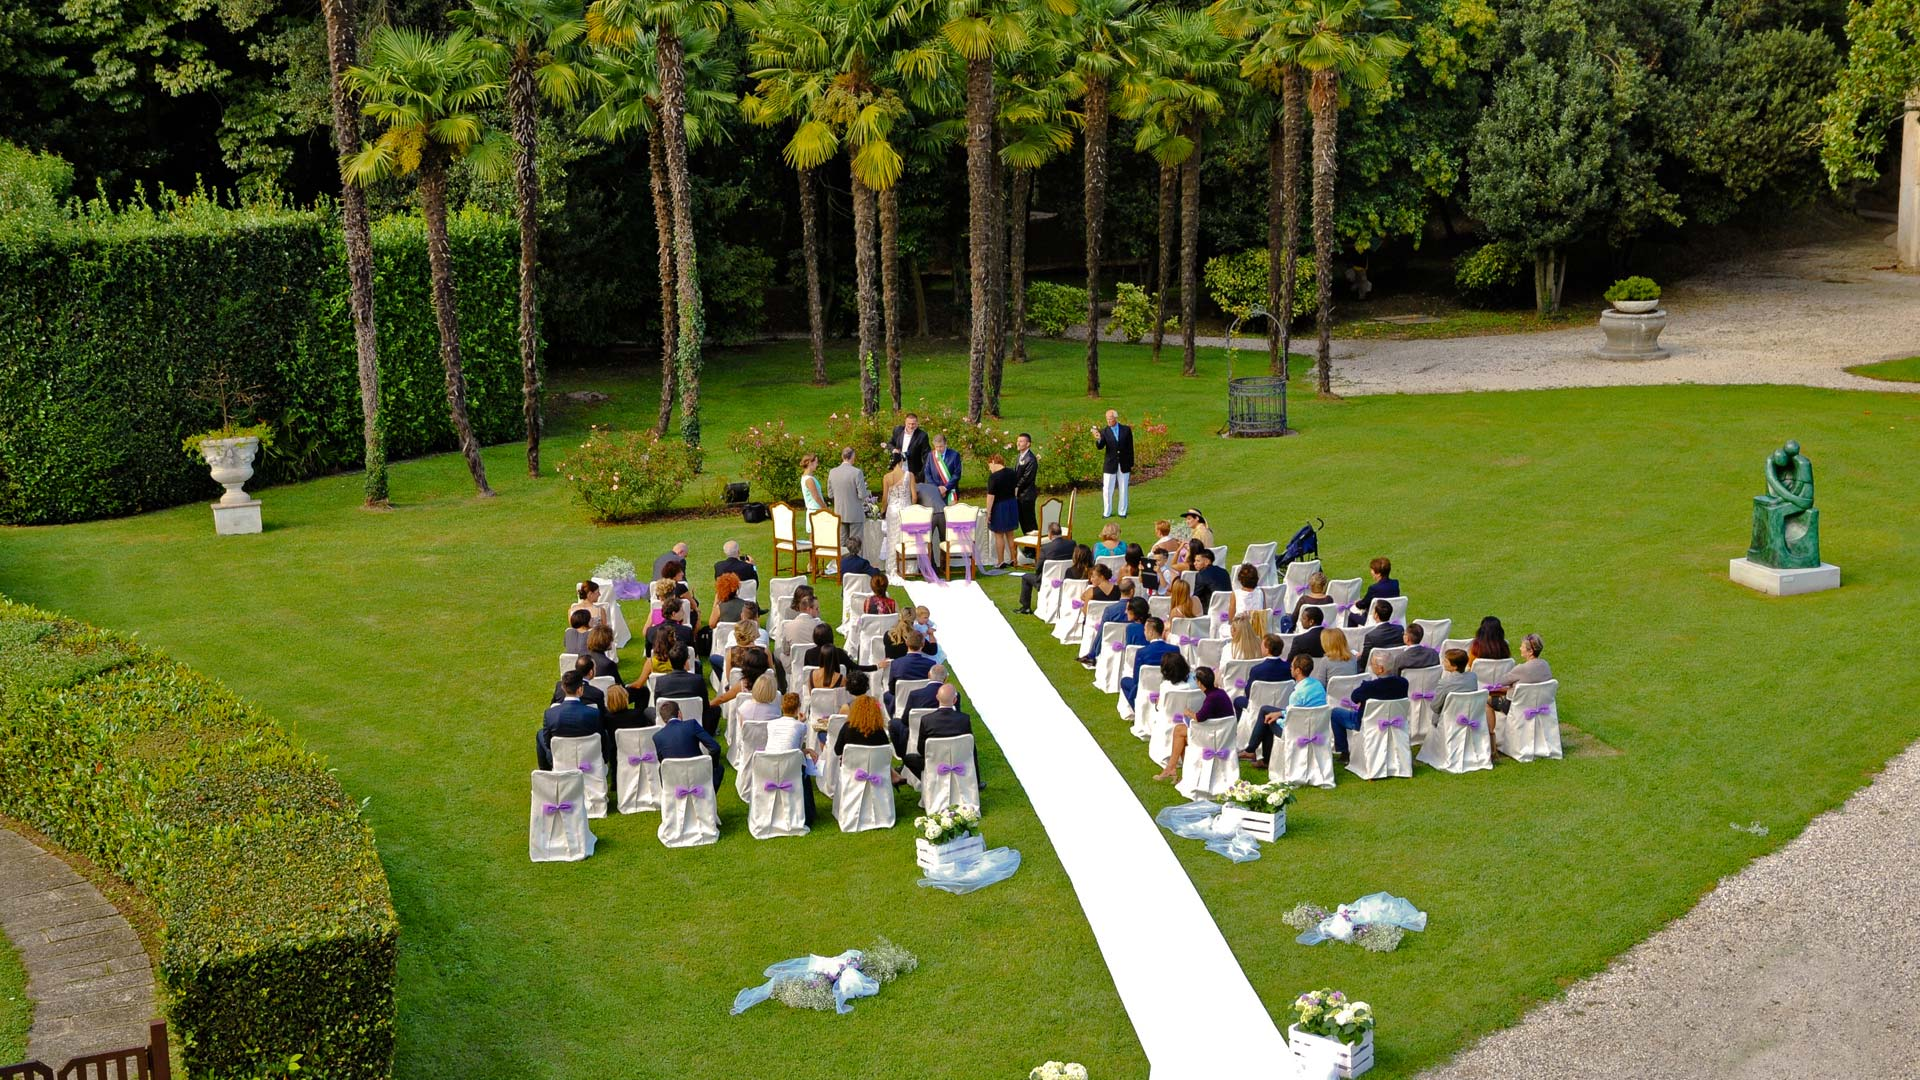 Gallery hotel villa condulmer for Allestimento giardino matrimonio